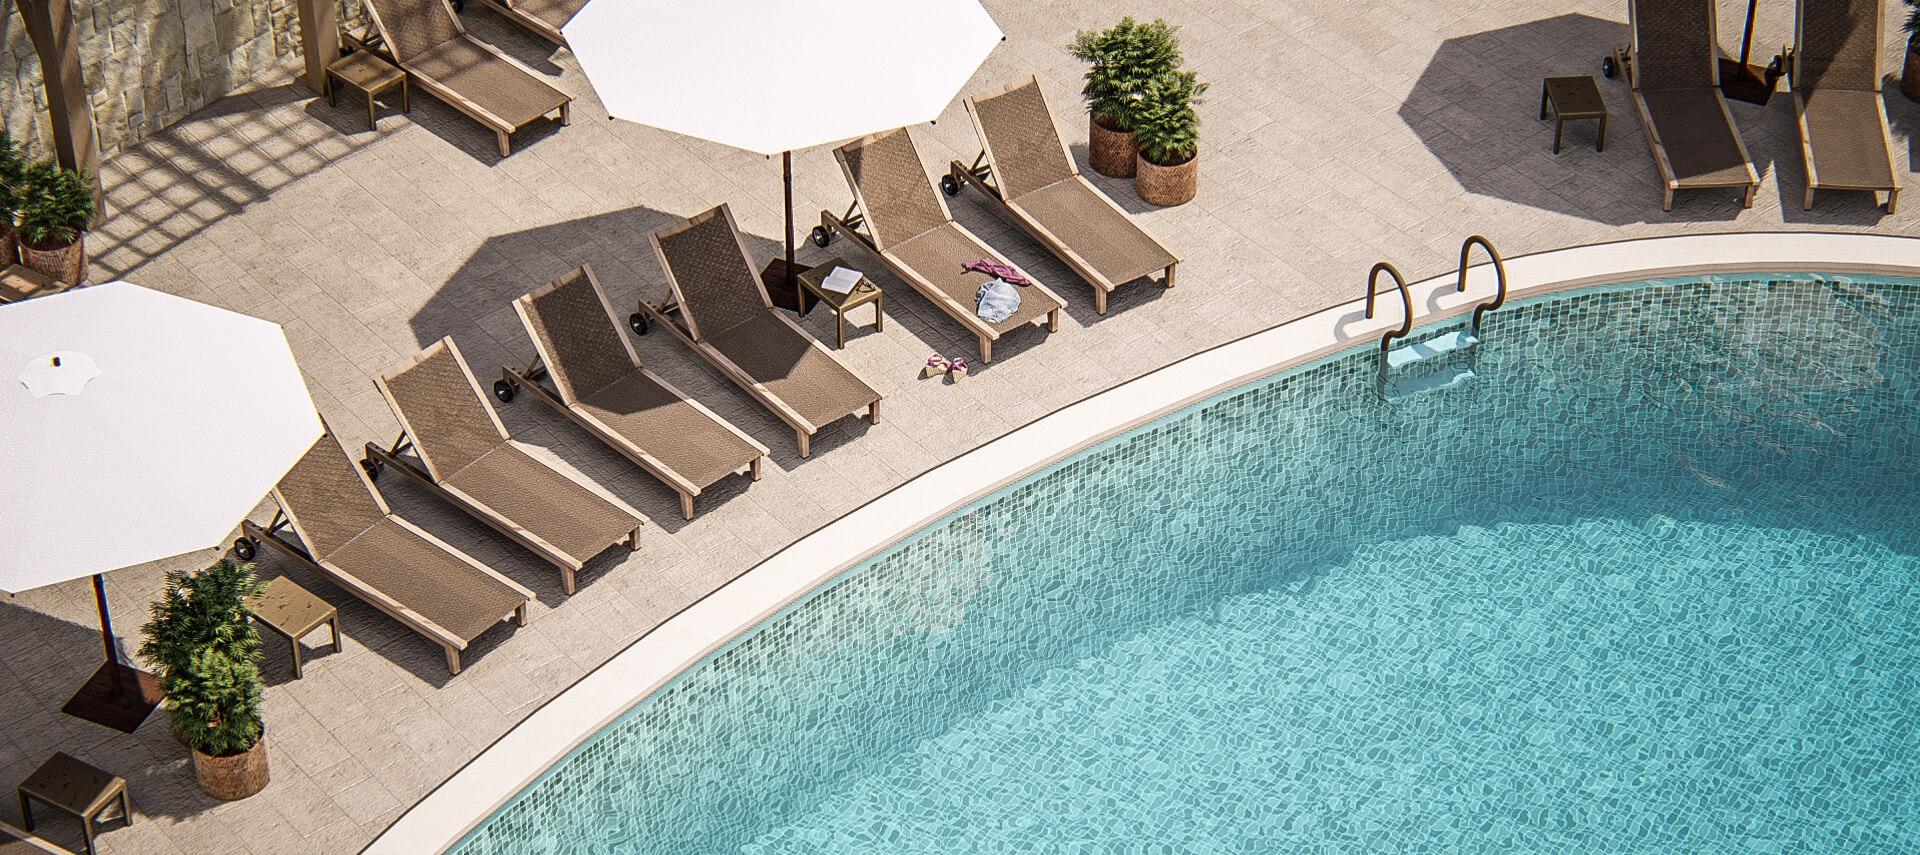 Cava Robles Pool 05.jpg